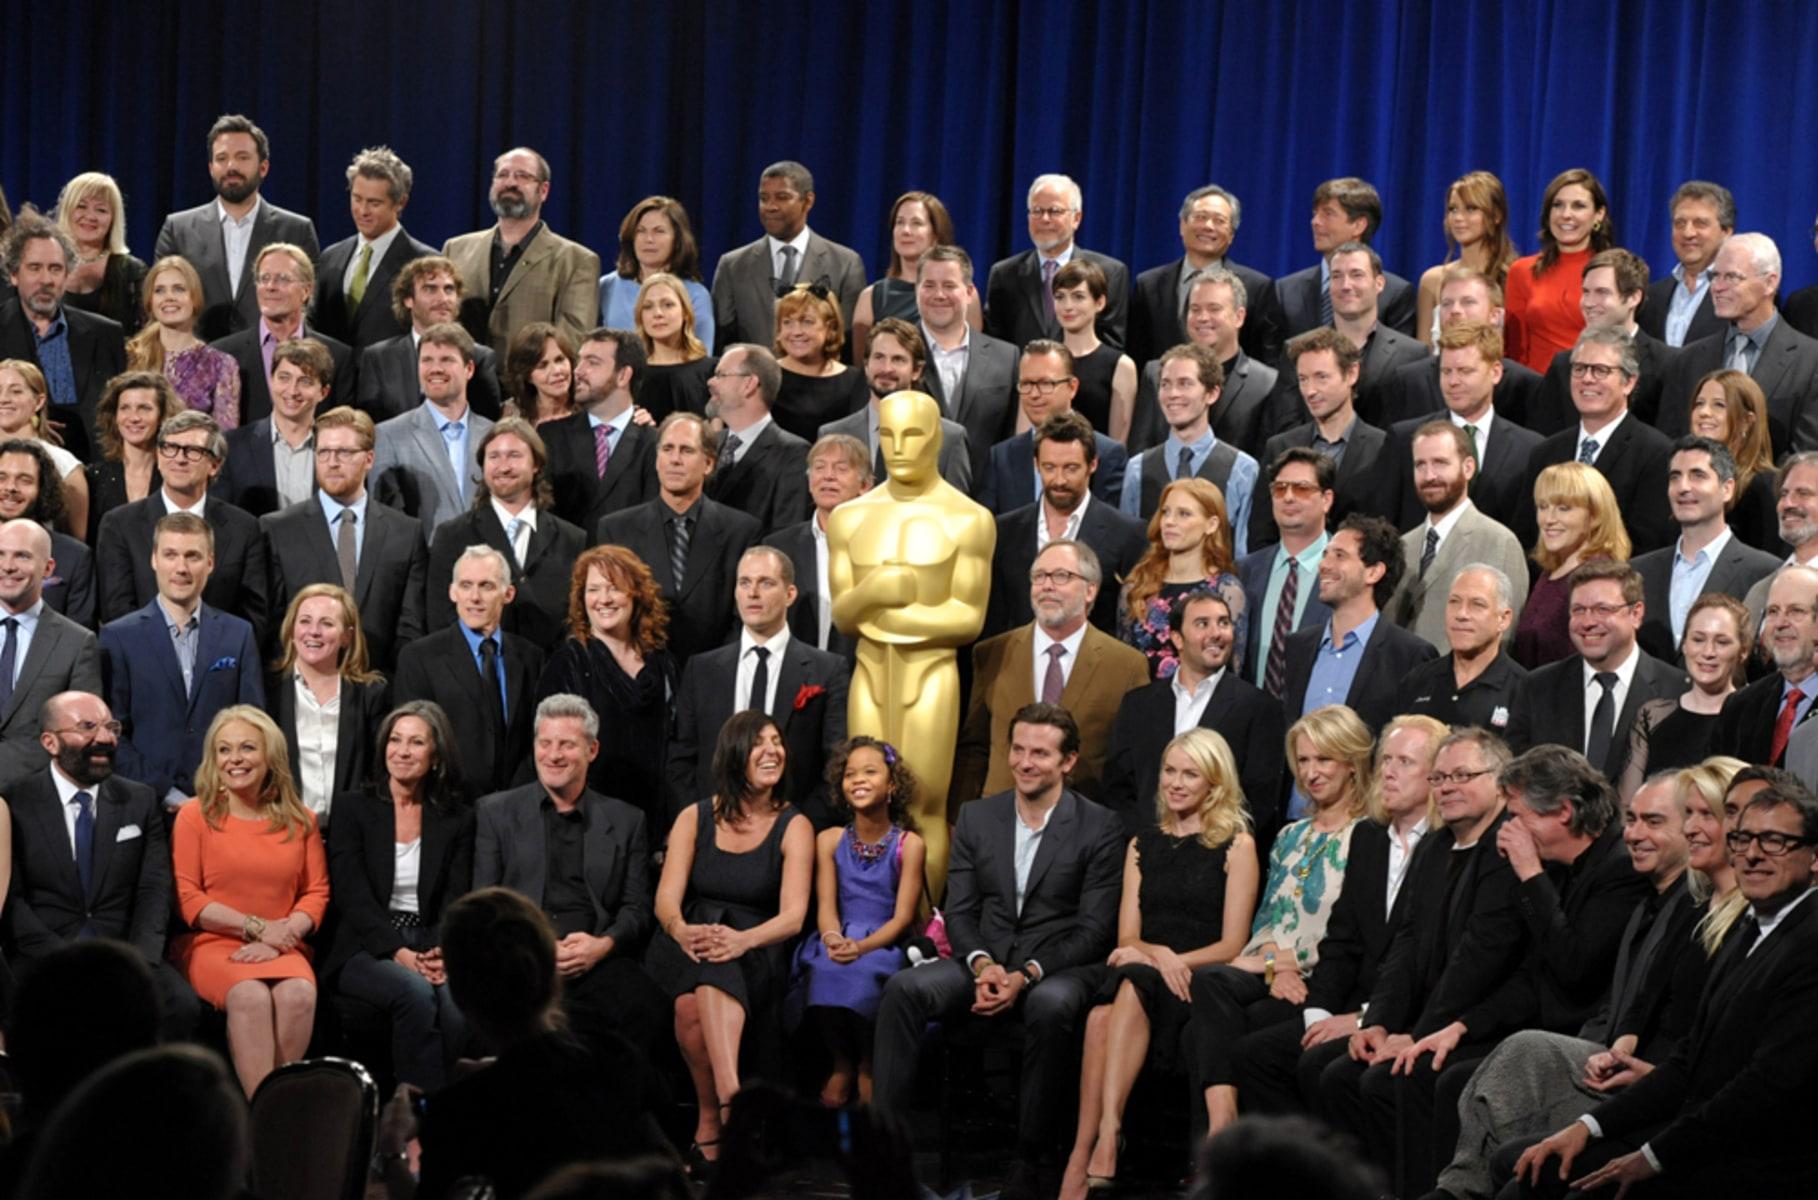 Image: Oscar nominees